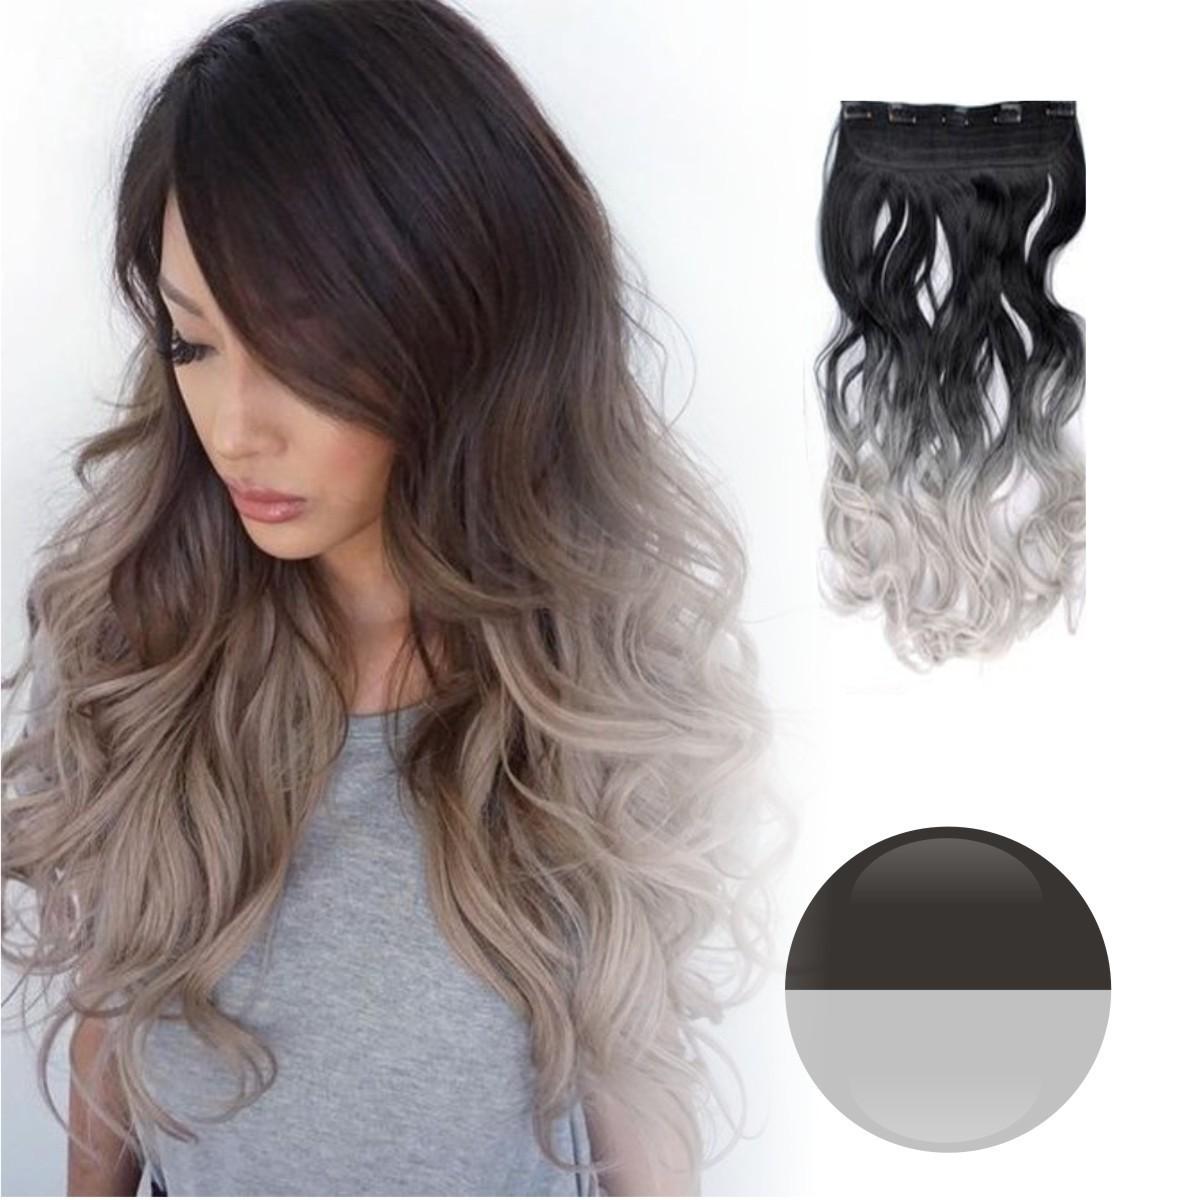 Cortina de cabello ondulada degradee gris a plata - Cortinas gris plata ...